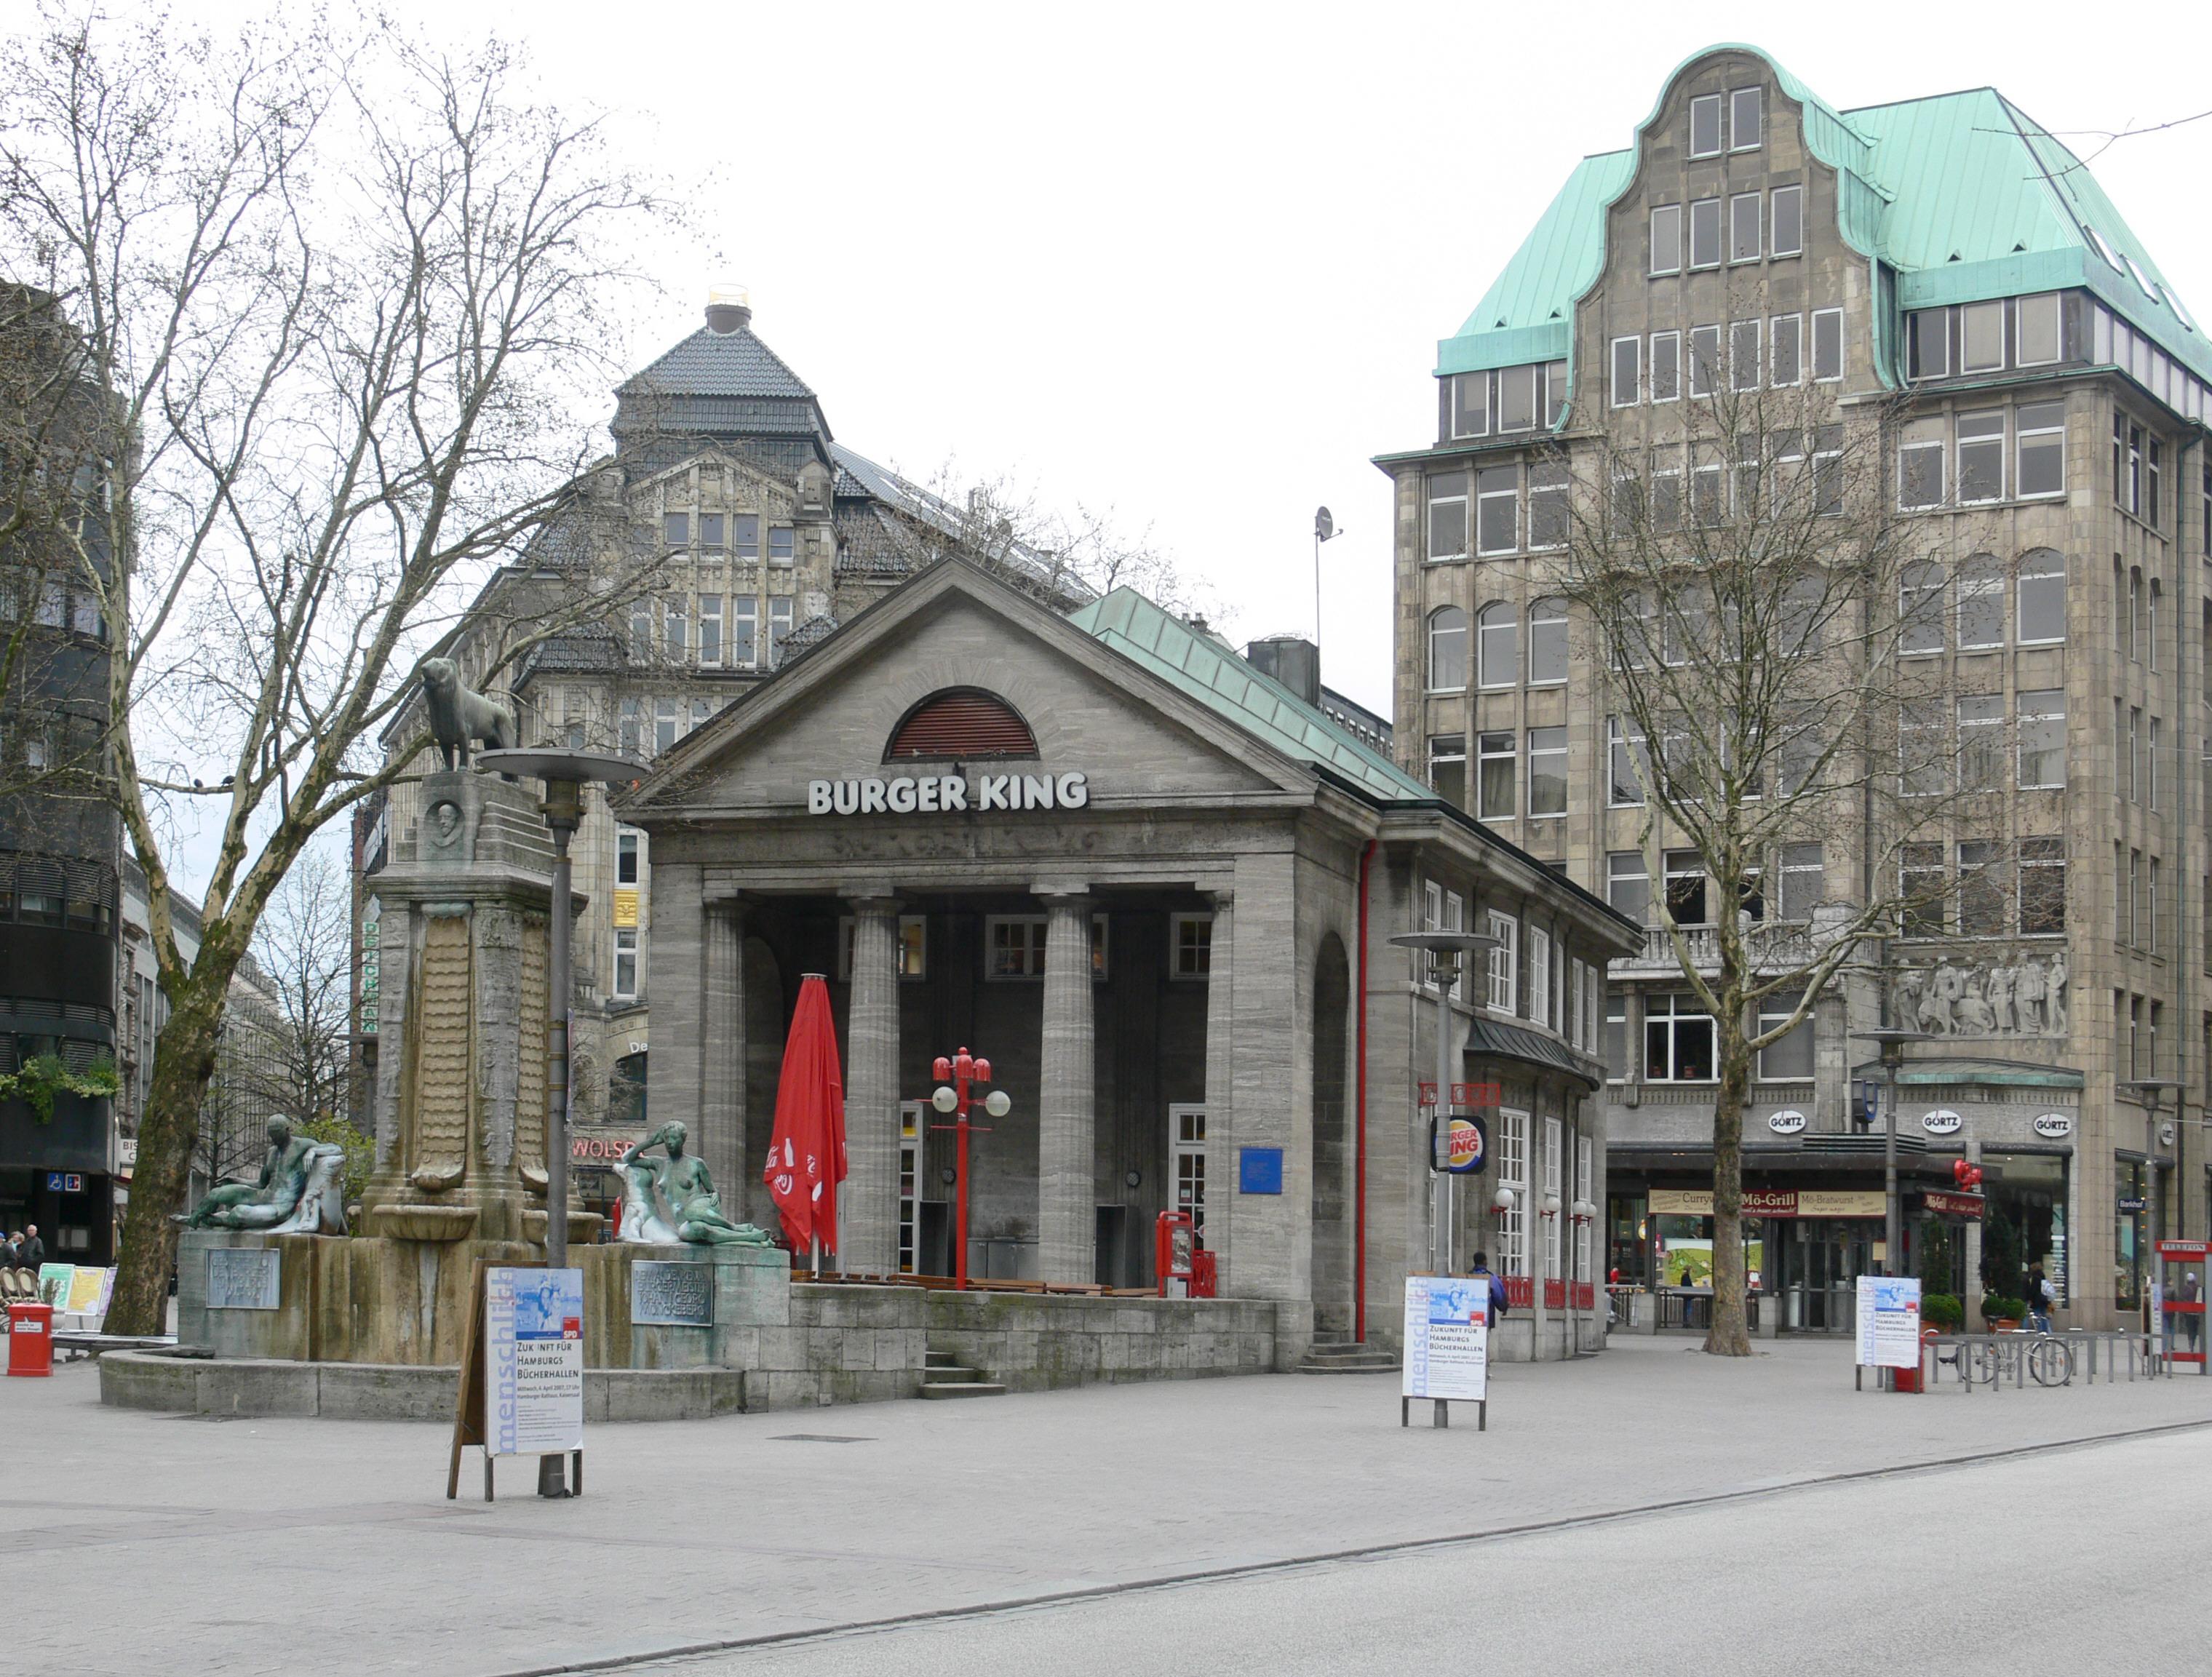 Hifi Hamburg Mönckebergstraße file hamburg mönckebergstraße spitalerstraße jpg wikimedia commons